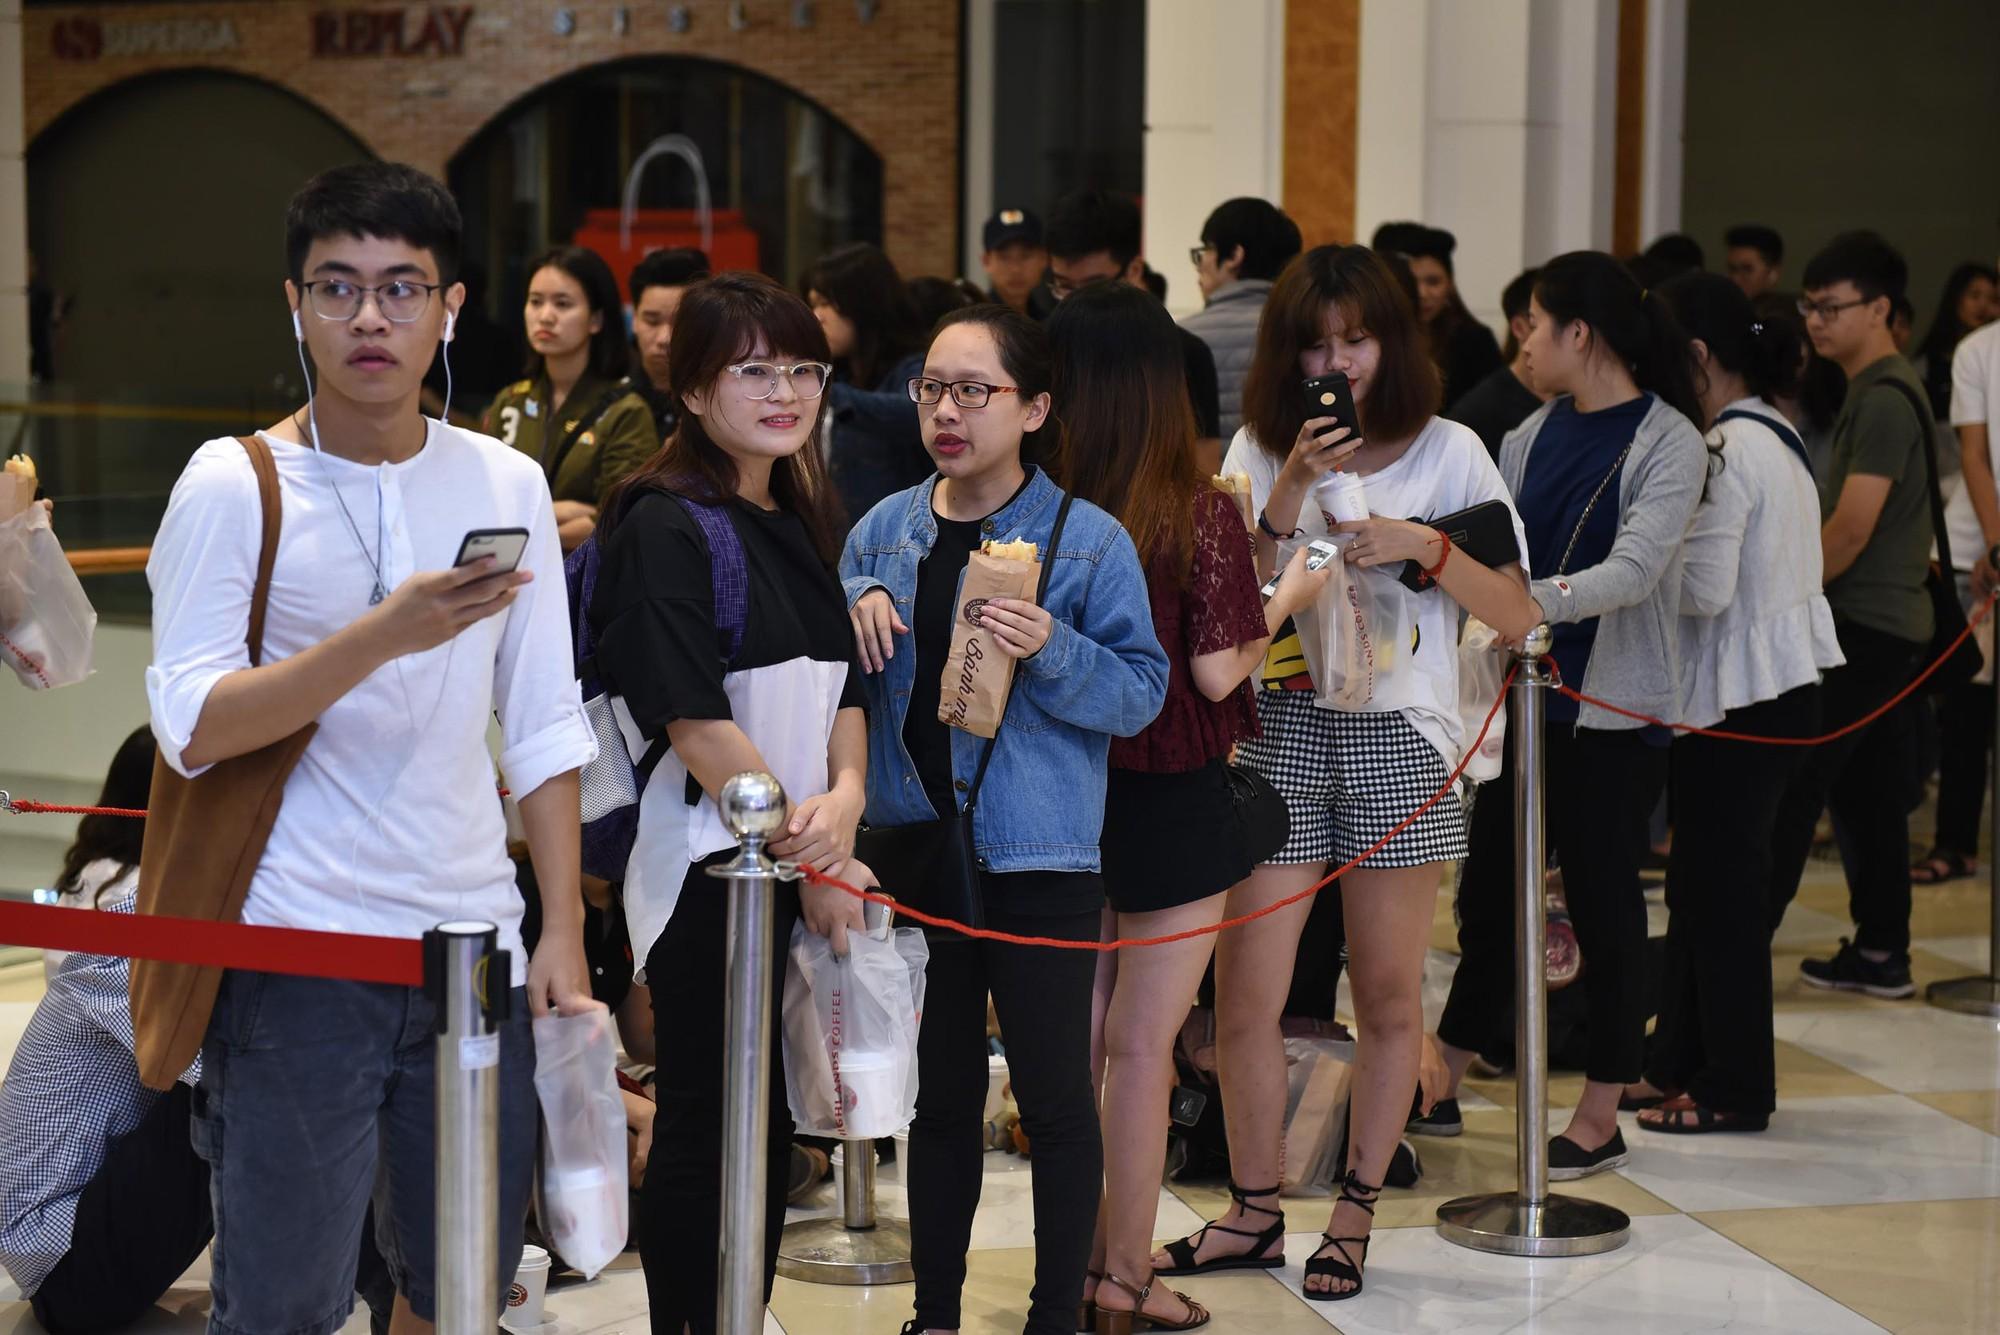 Khai trương H&M Hà Nội: Có hơn 2.000 người đổ về, các bạn trẻ vẫn phải xếp hàng dài chờ được vào mua sắm - Ảnh 35.